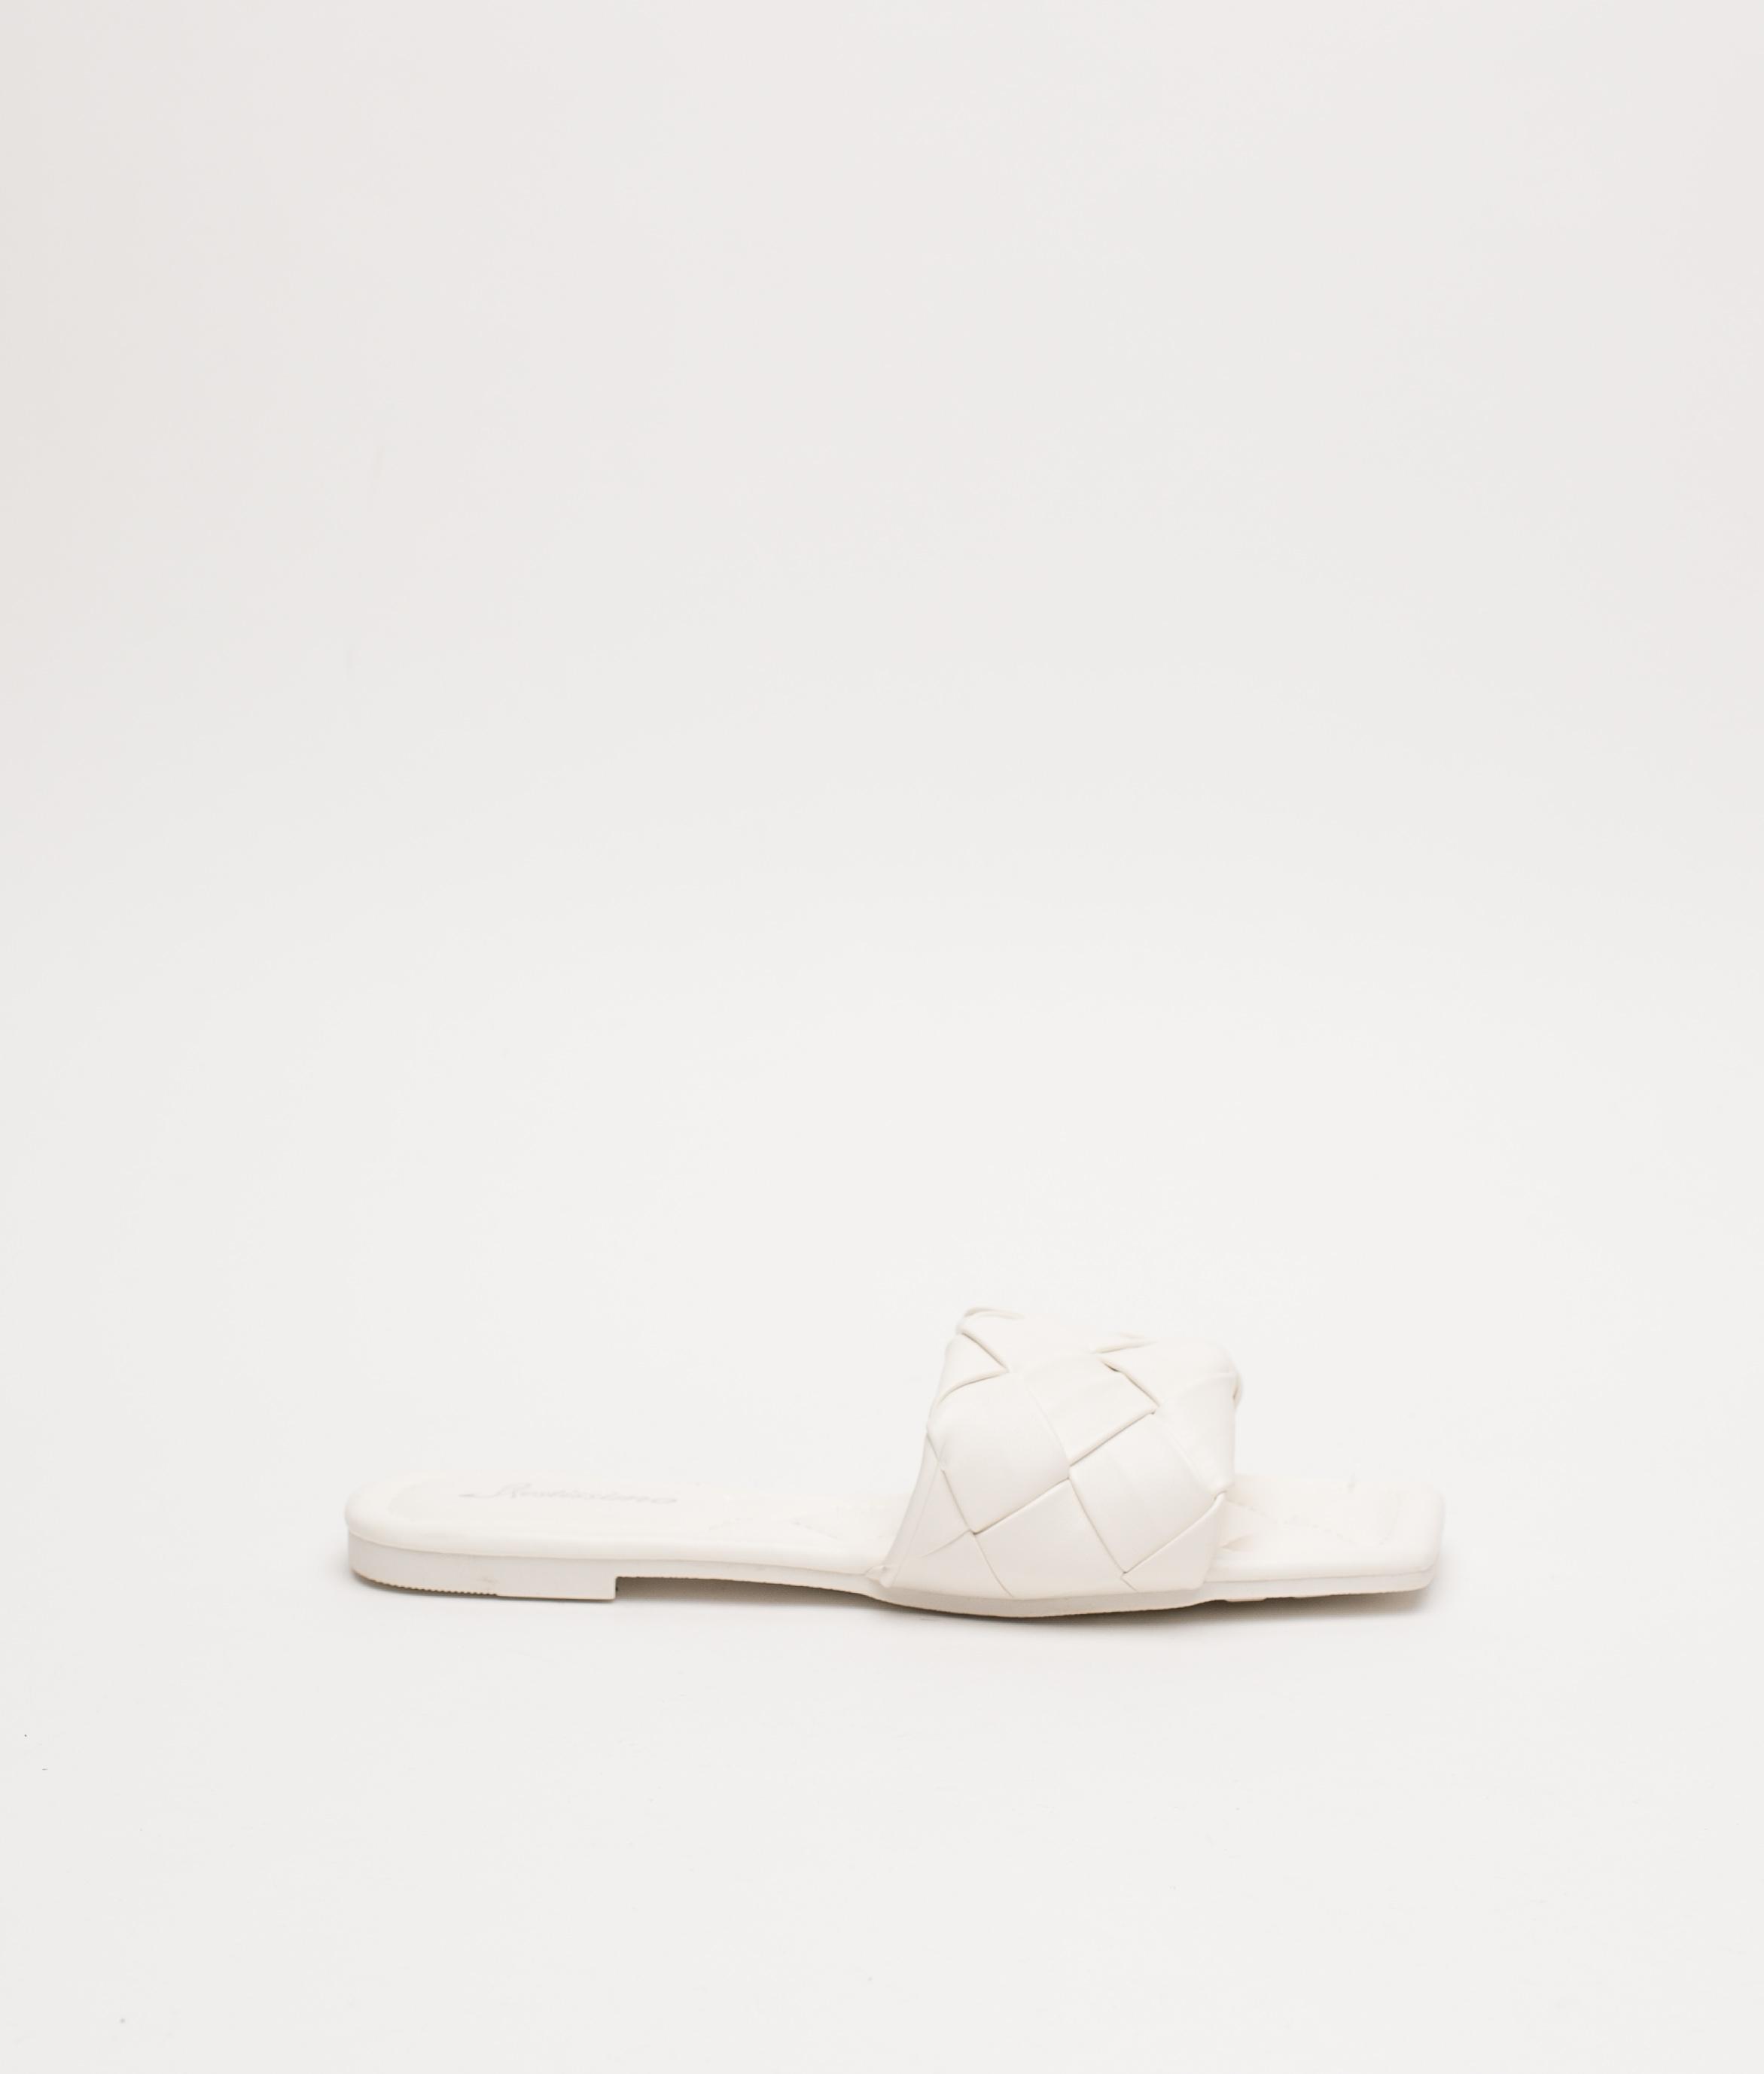 SORATA SANDAL - WHITE